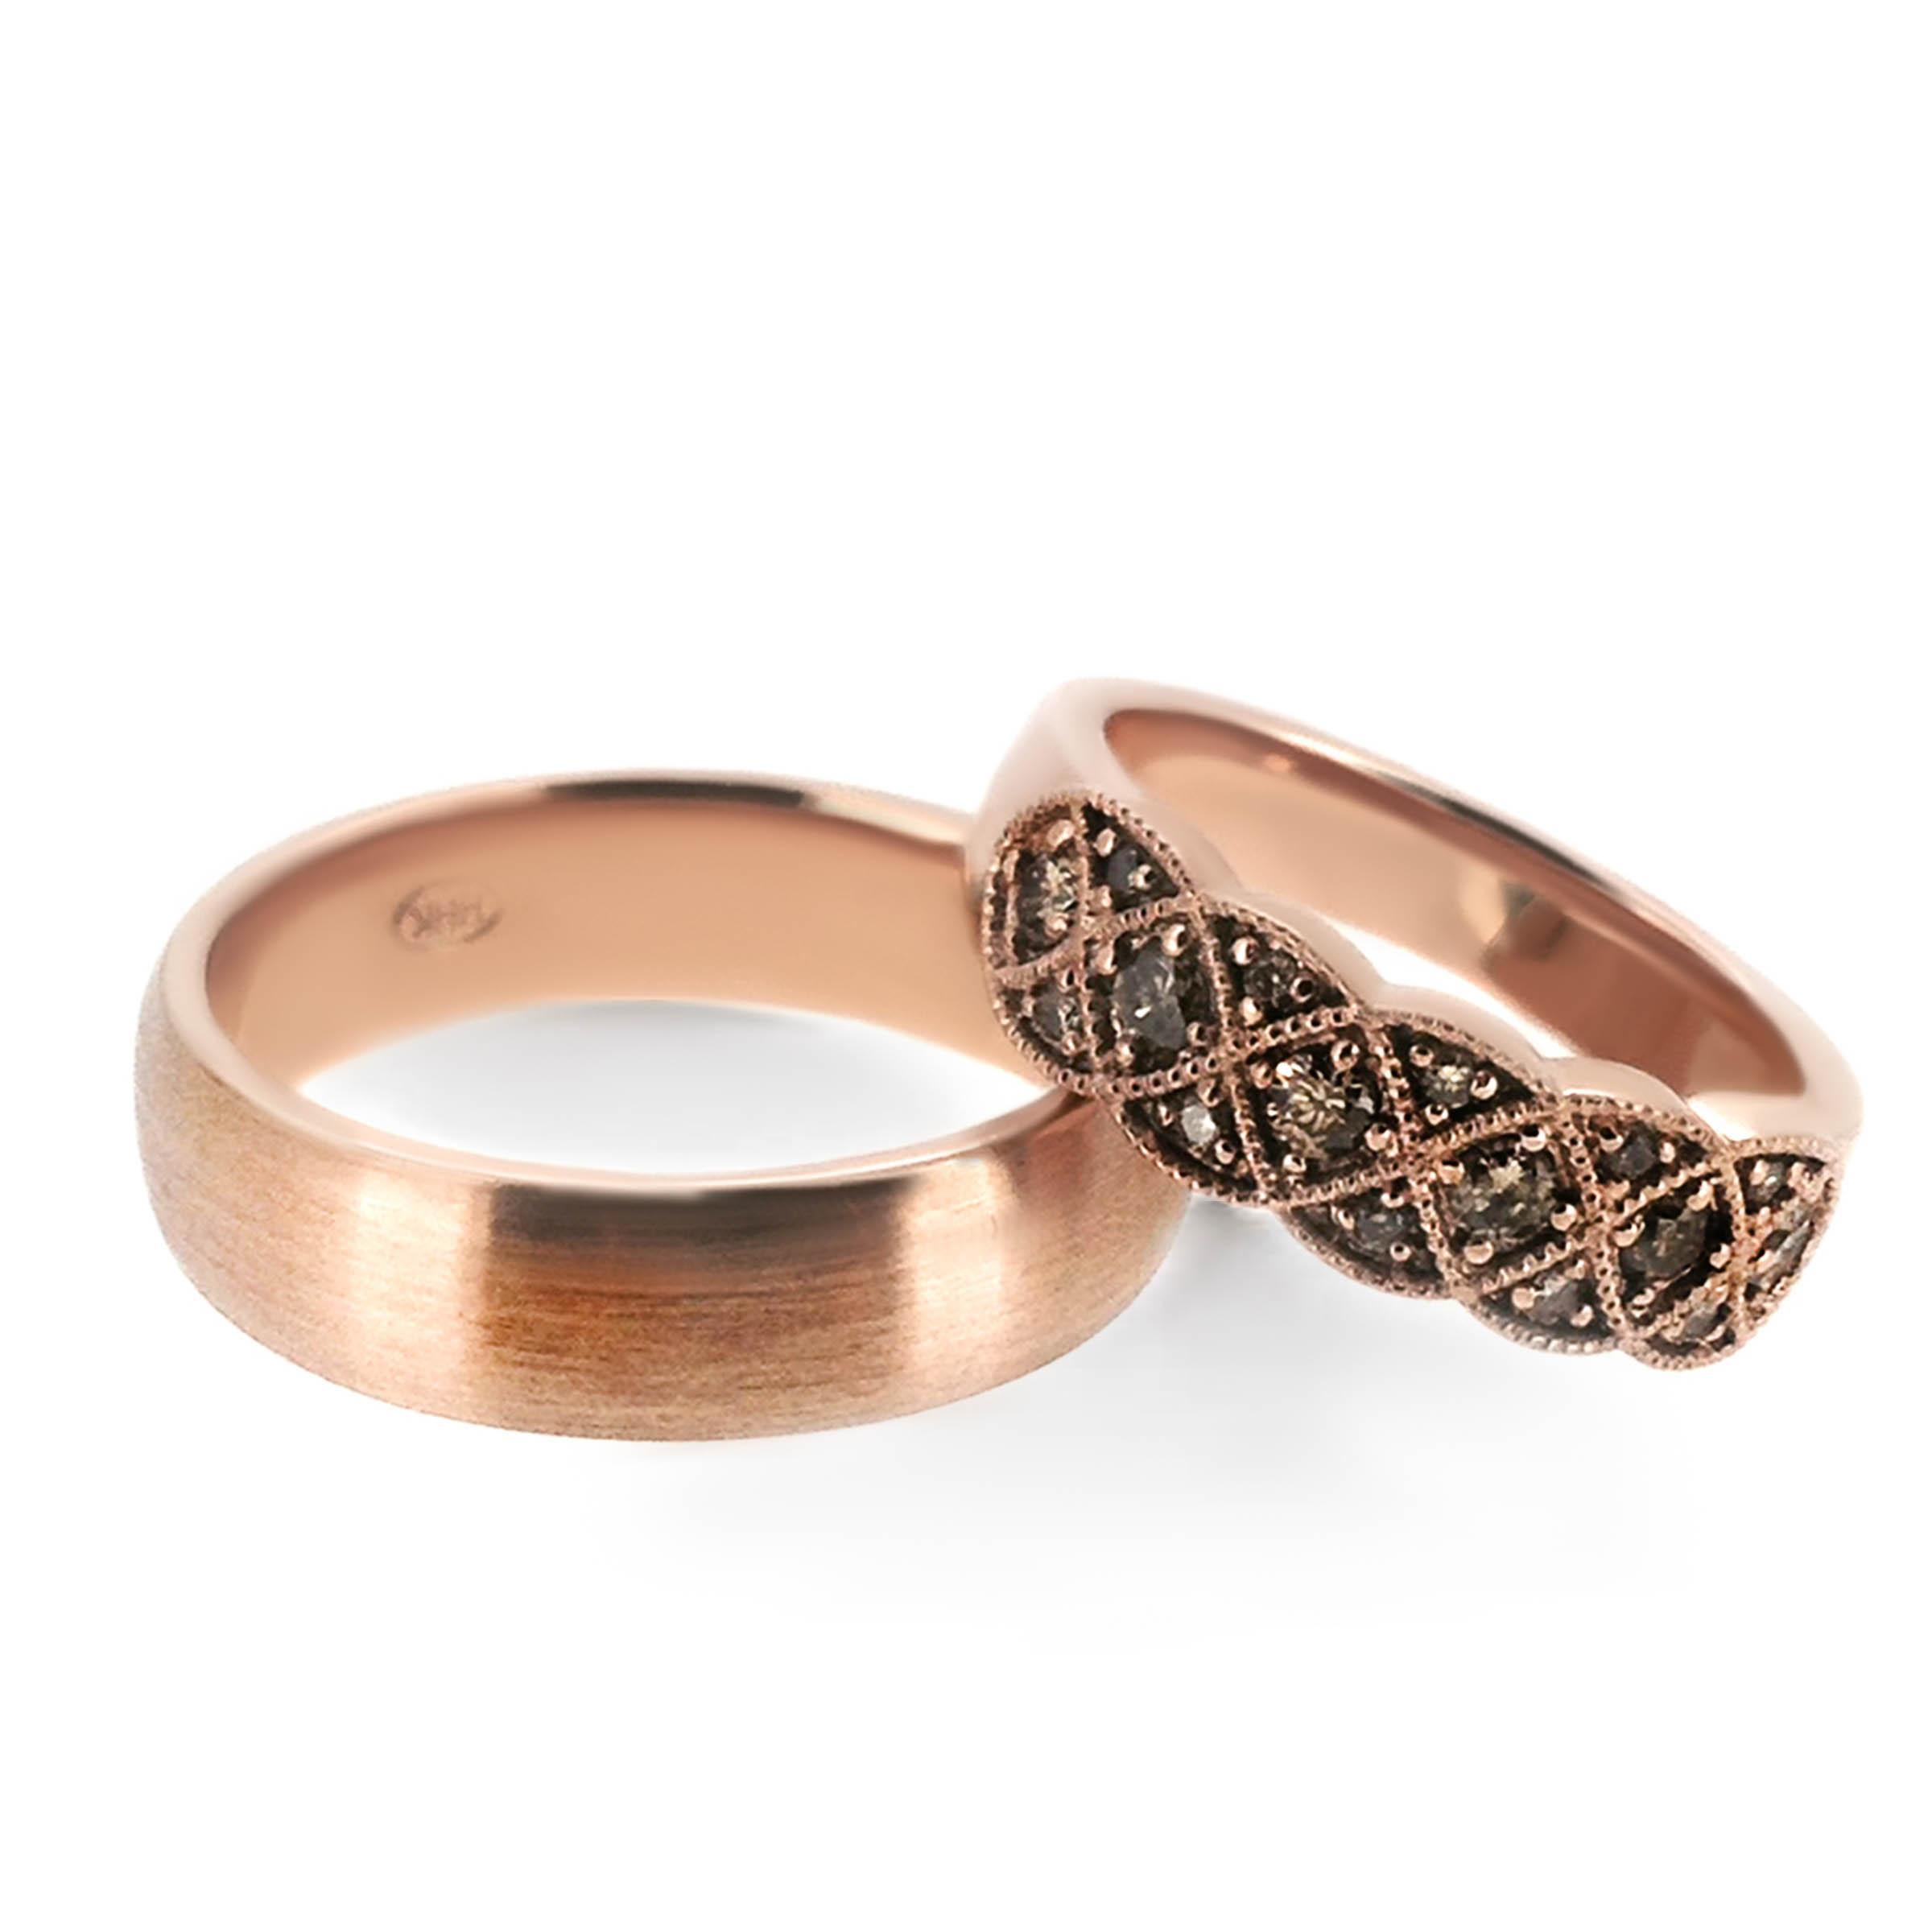 rose gold wedding bands- haywards of hong kong